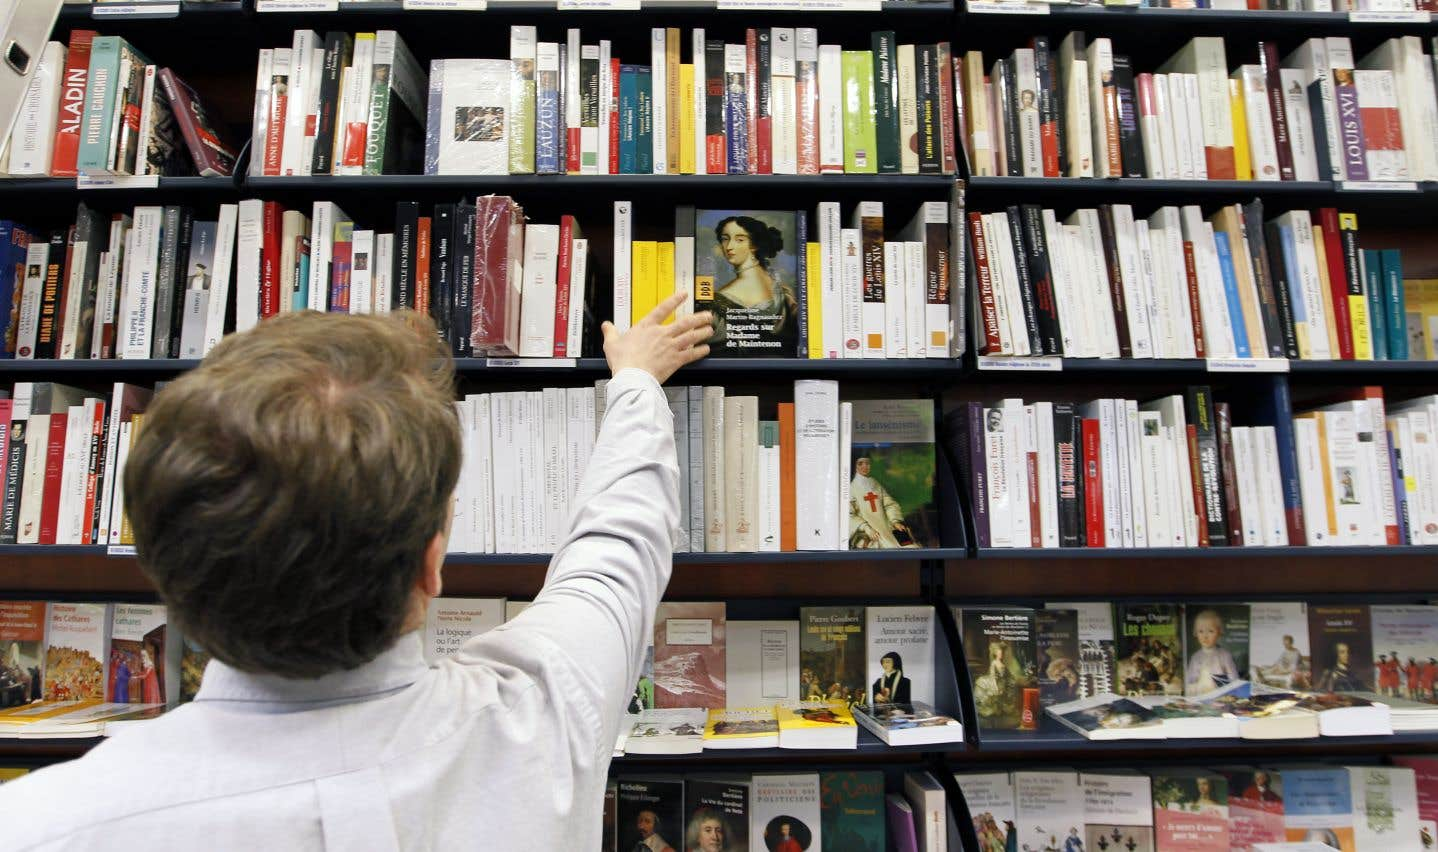 L'écrivain français signe une réflexion lucide et engagée sur le monde de la lecture et sur les livres qu'il a aimés.